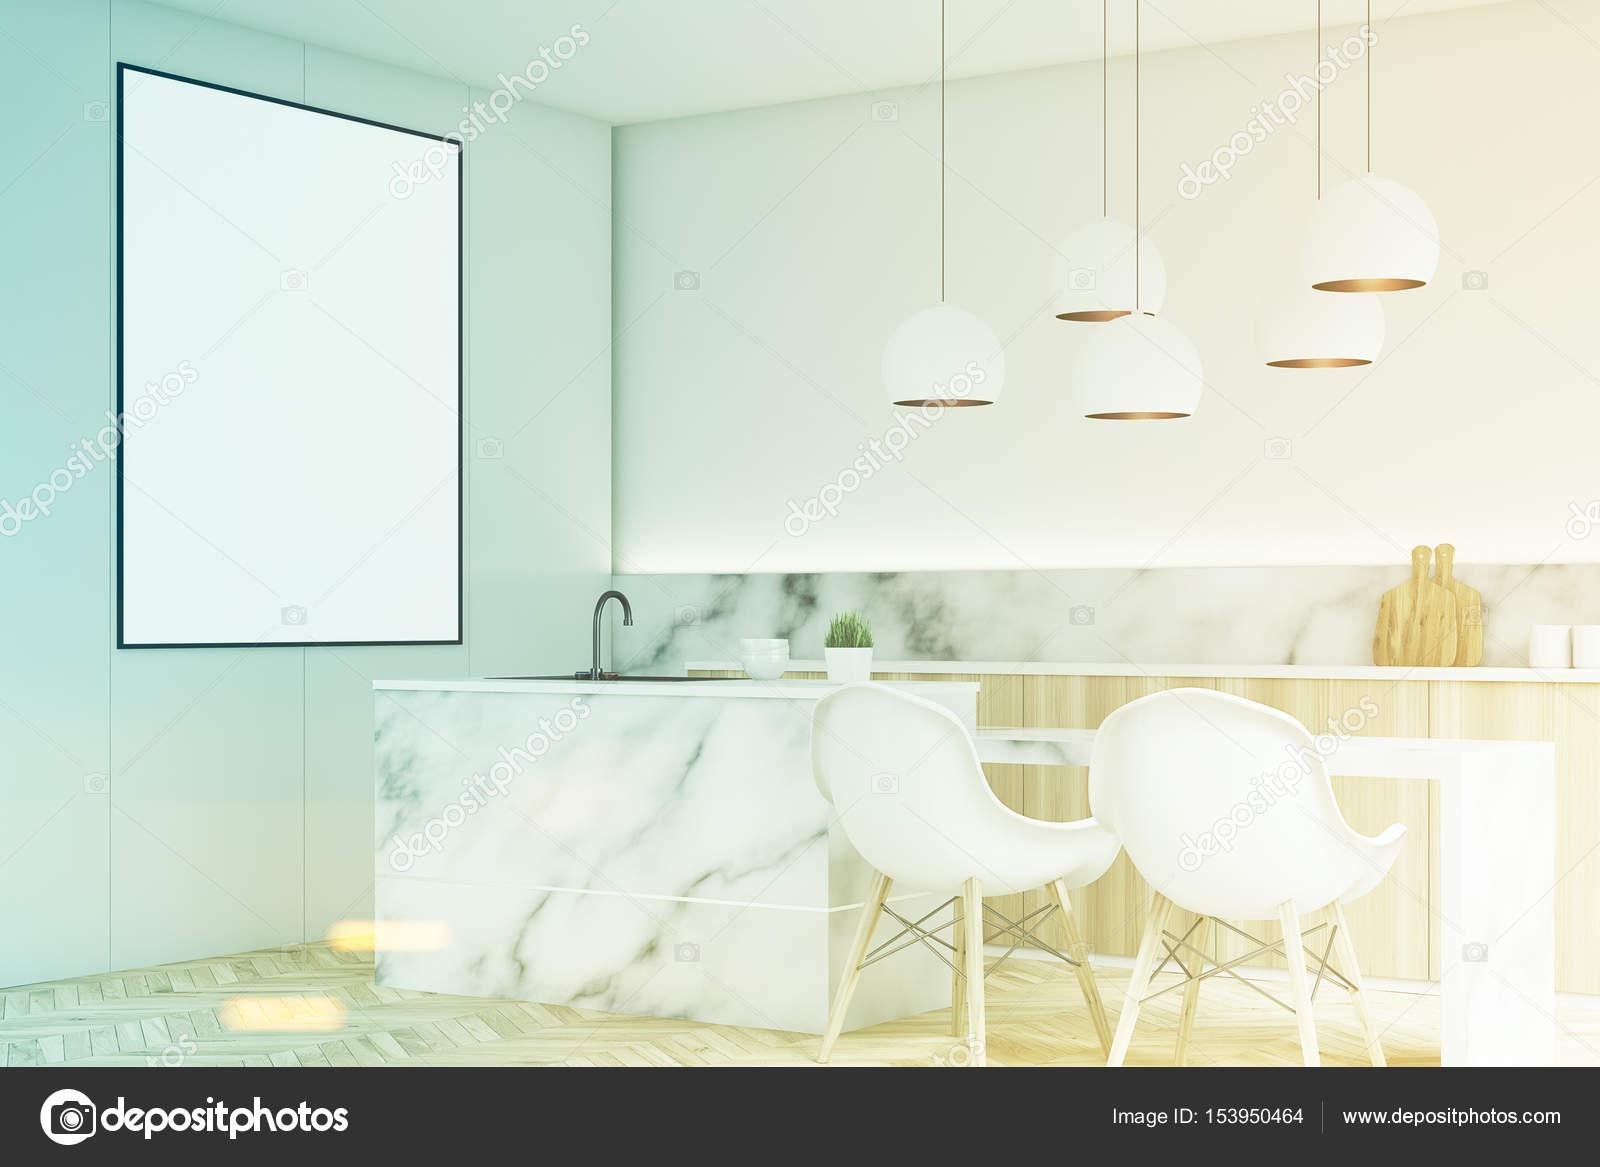 Moderne Küche mit Poster, Ecke, getönt — Stockfoto ...